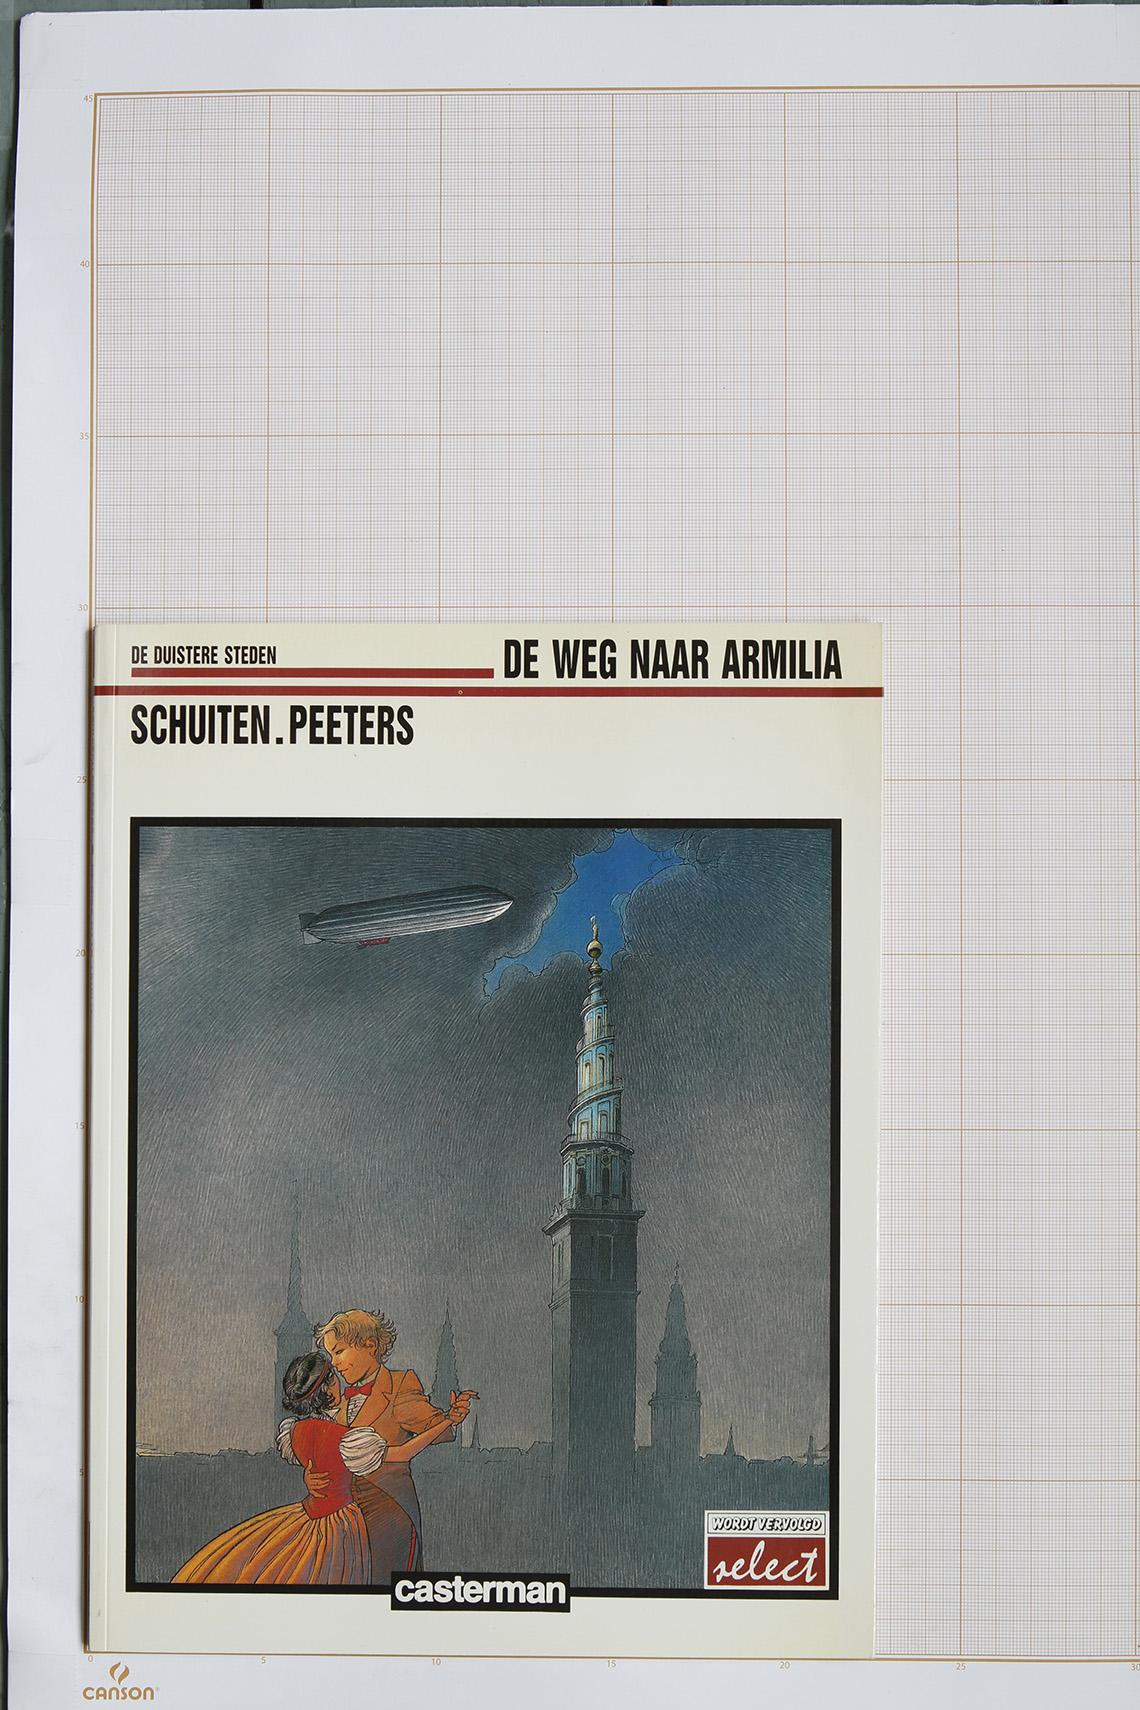 La Route d'Armilia, F.Schuiten & B.Peeters - Casterman© Maison Autrique, 1988